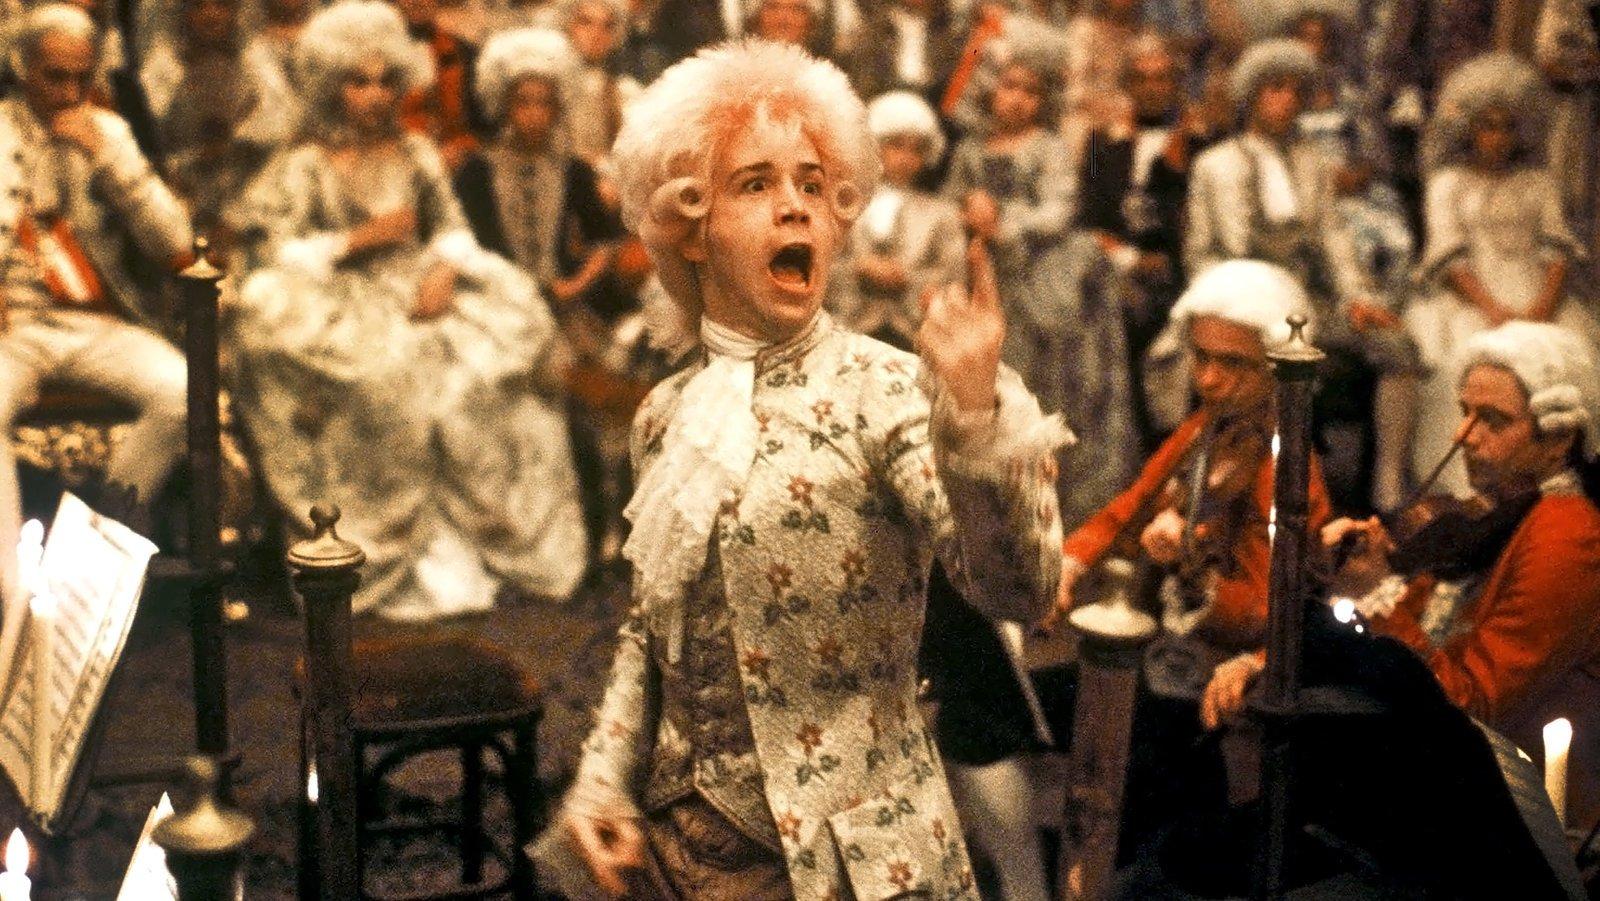 Best Picture - Amadeus